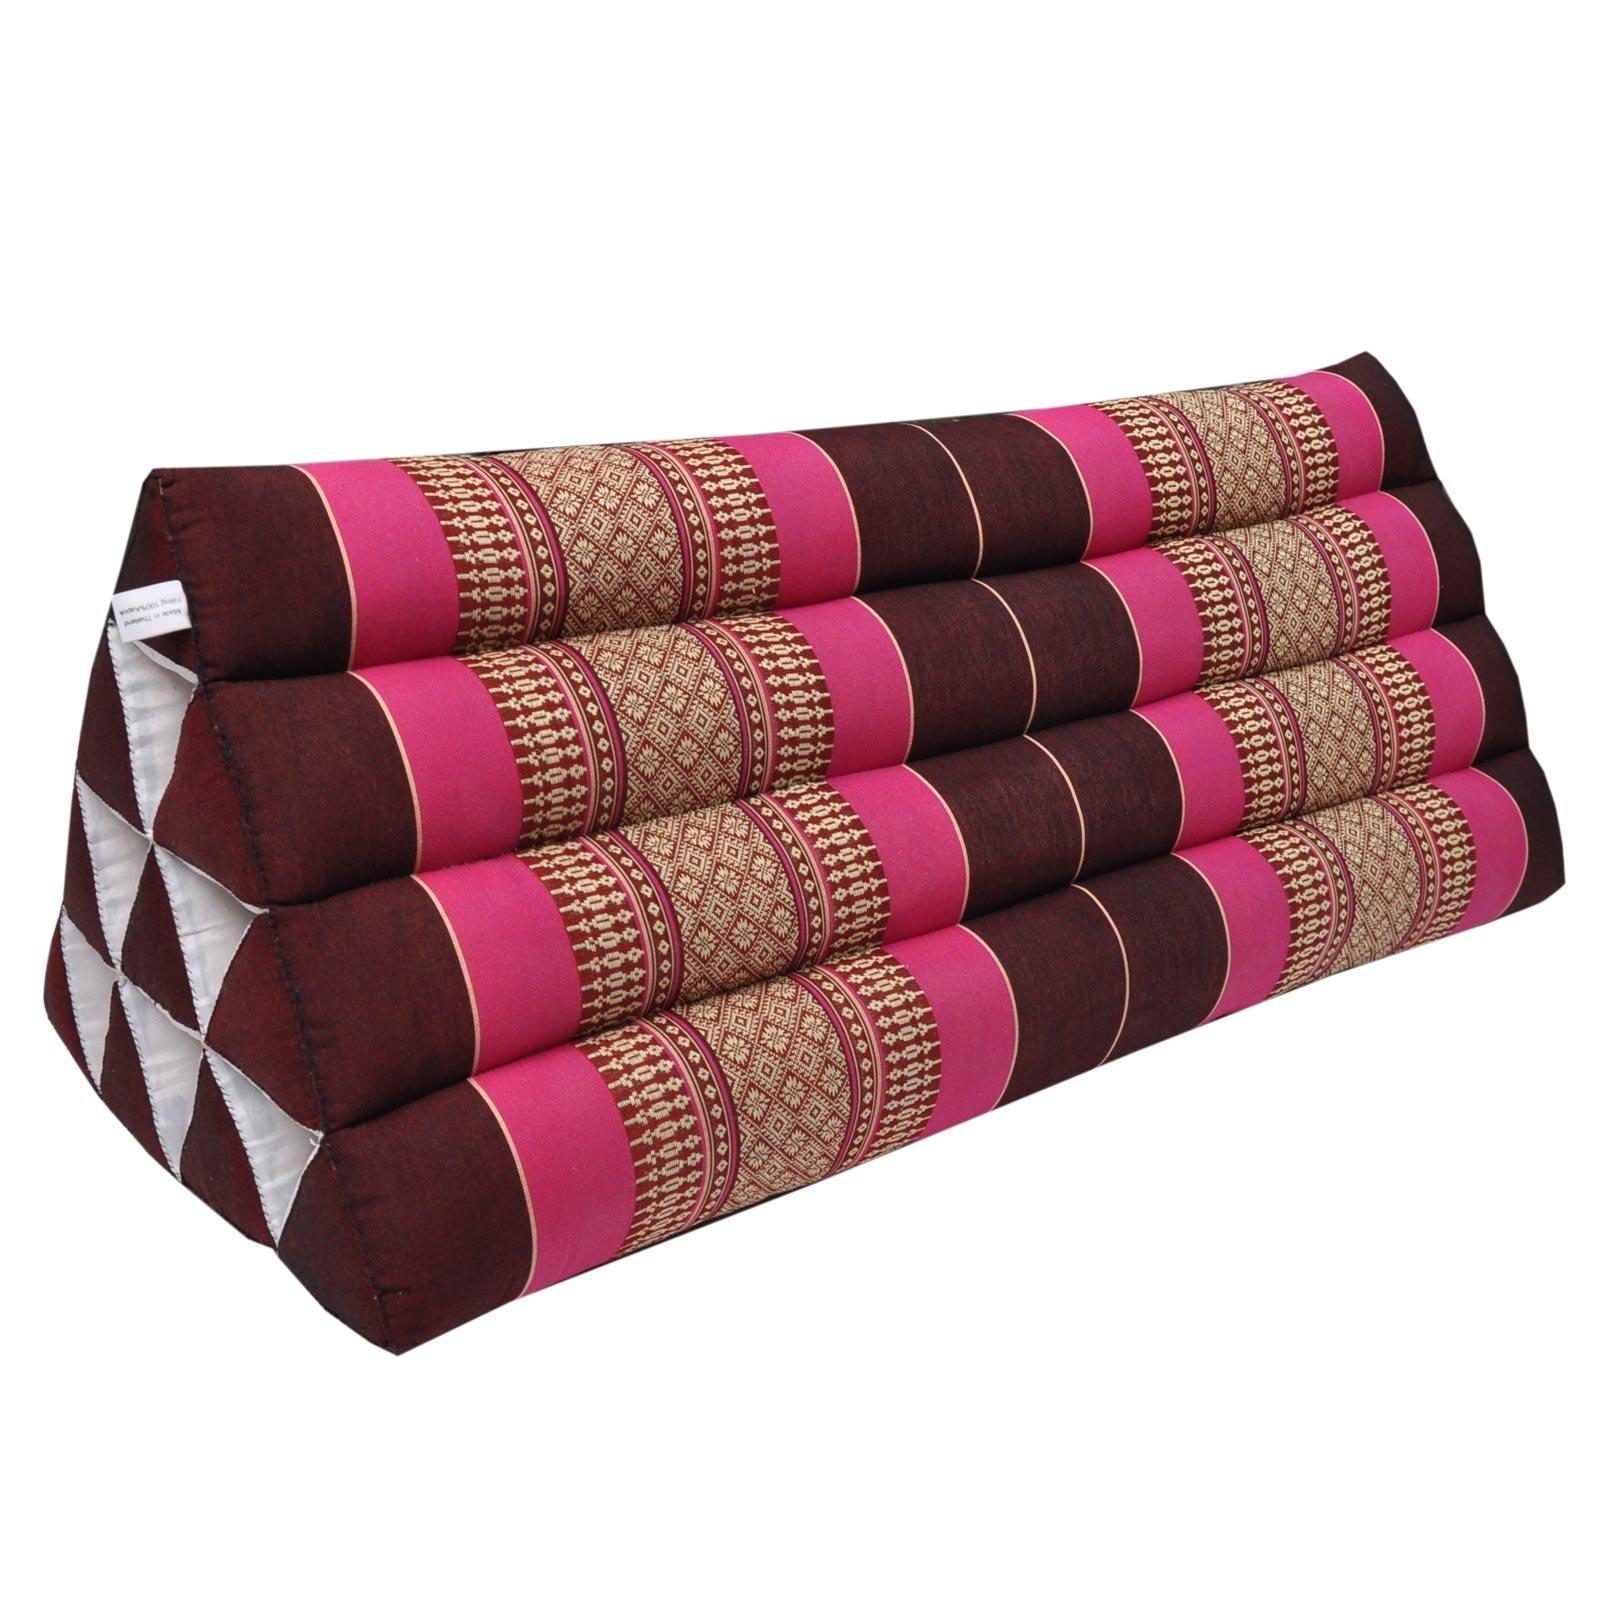 Thai triangular cushion XXL, relaxation, beach, kapok, made in Thailand Bordeaux/Pink (81415) by Wilai GmbH